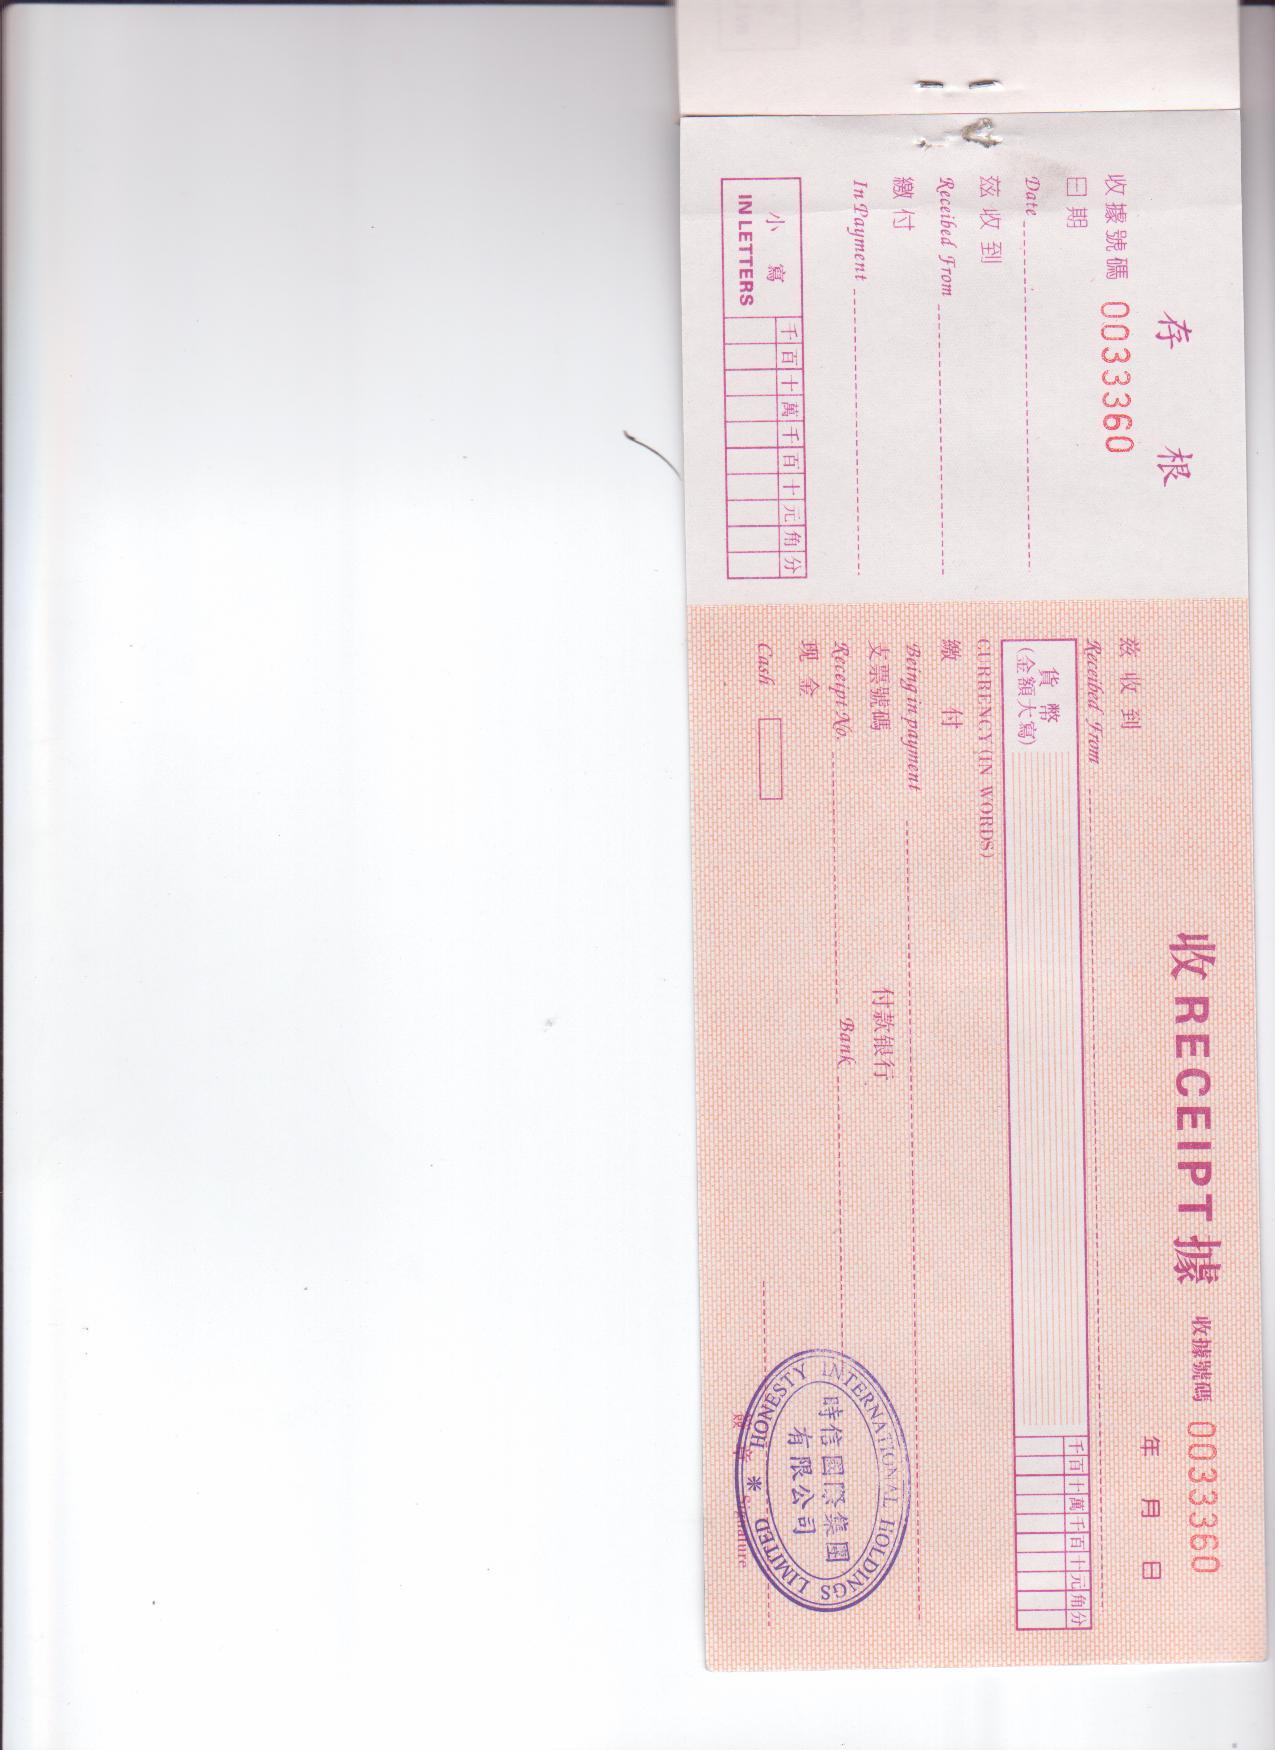 香港收据样本 - 香港收据样本 - 2013-08-23 - 最新更新